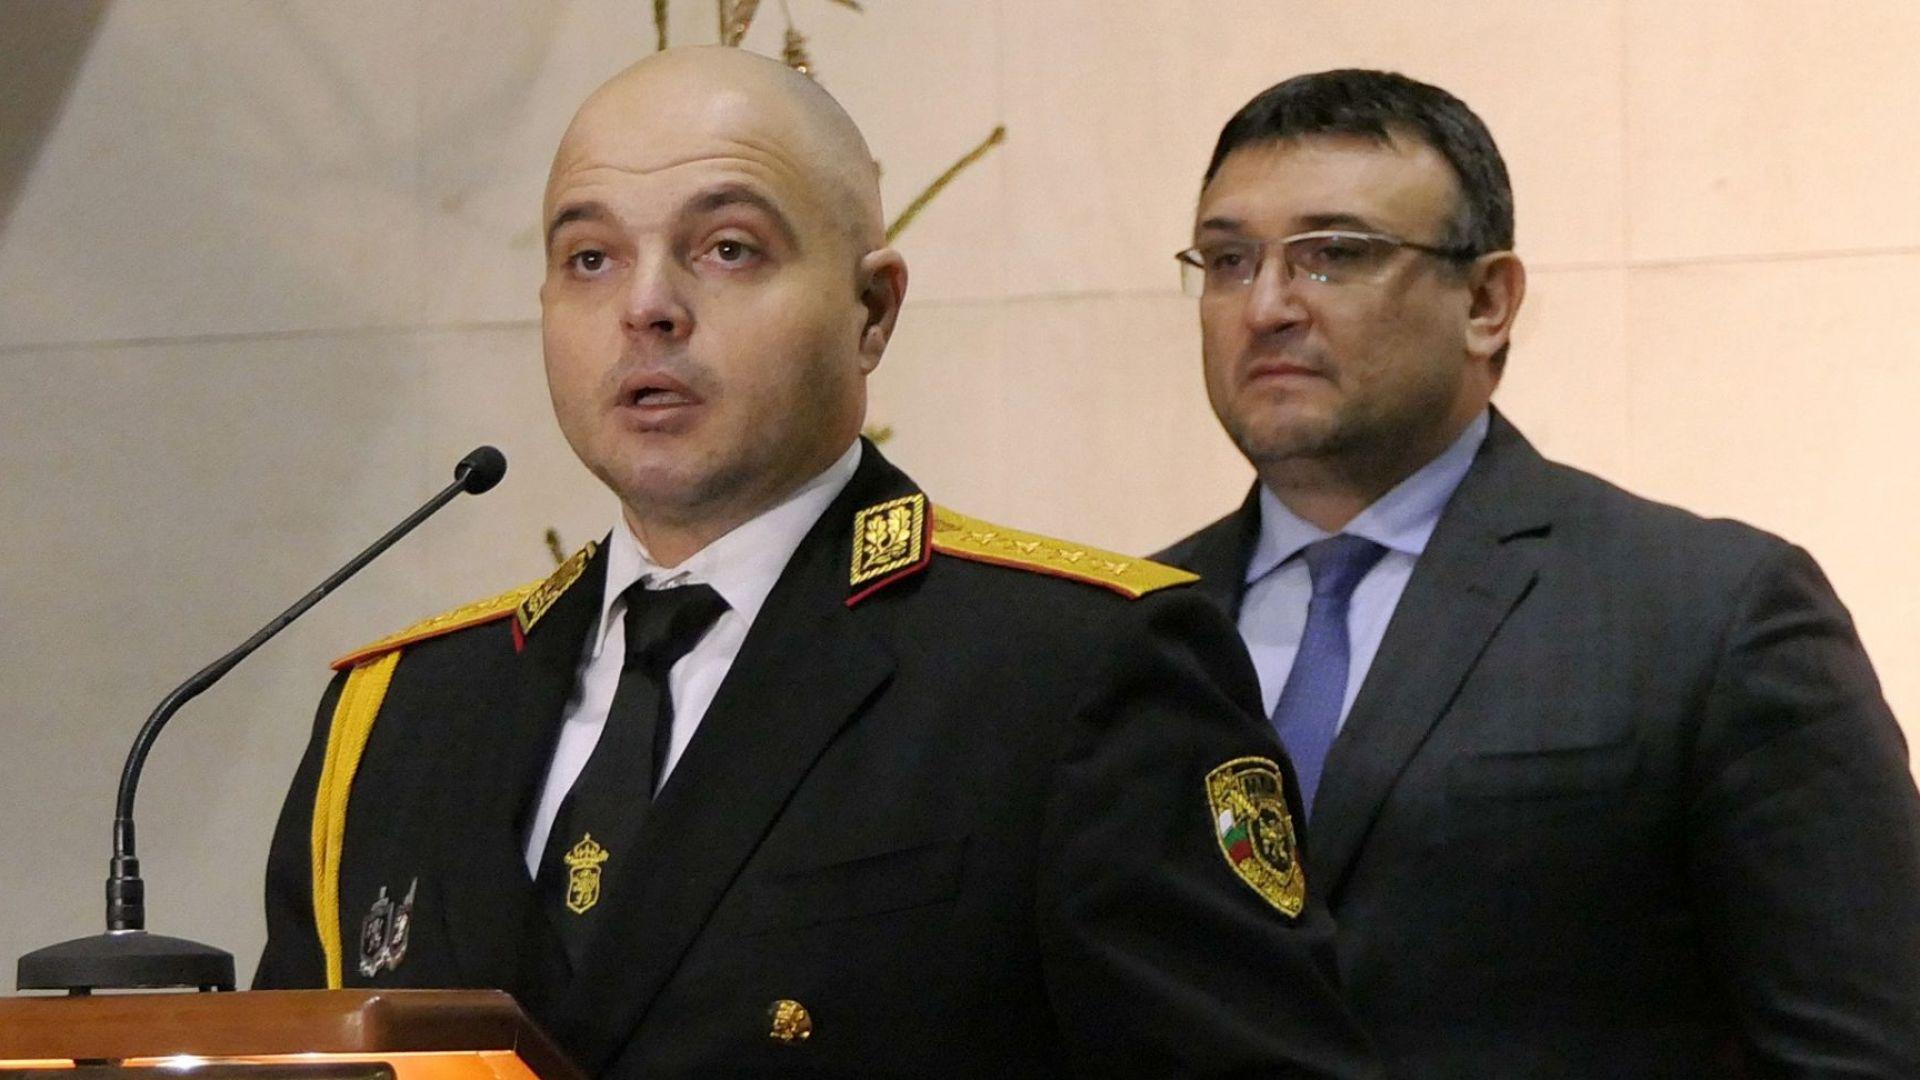 Младен Маринов: За първи път отстраняват главен секретар на МВР заради социологическо проучване